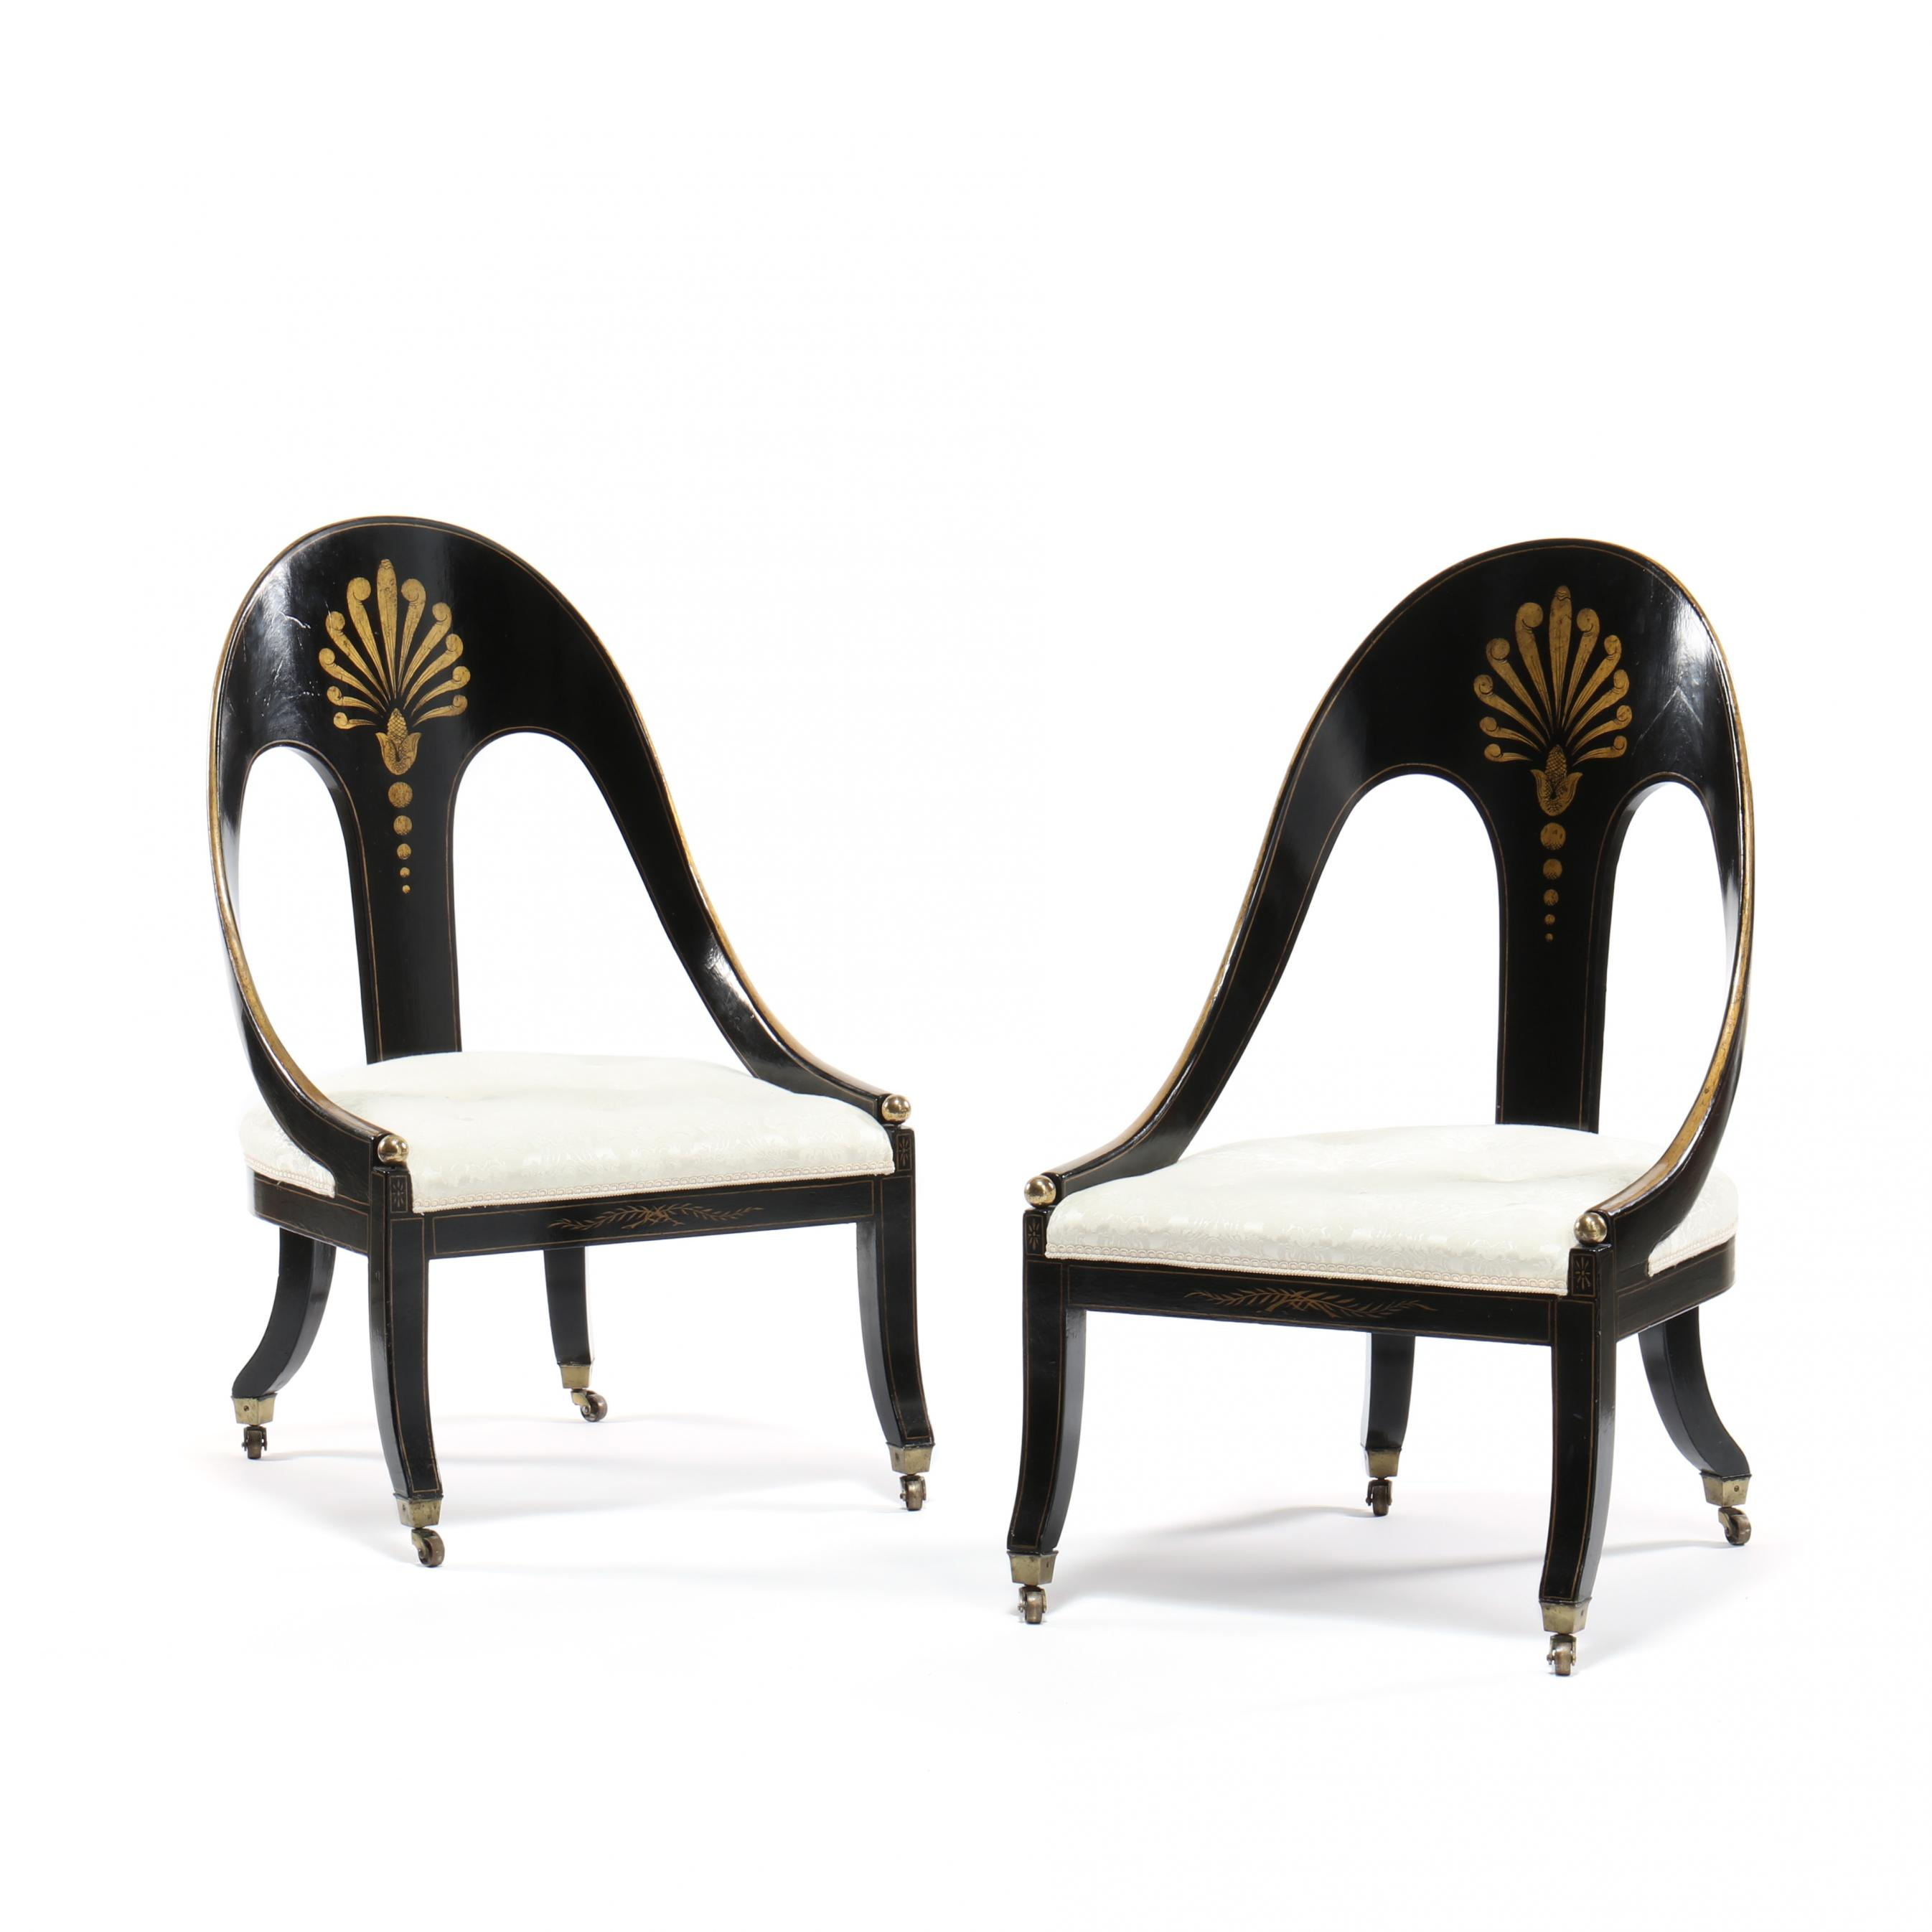 pair-of-regency-fireside-chairs